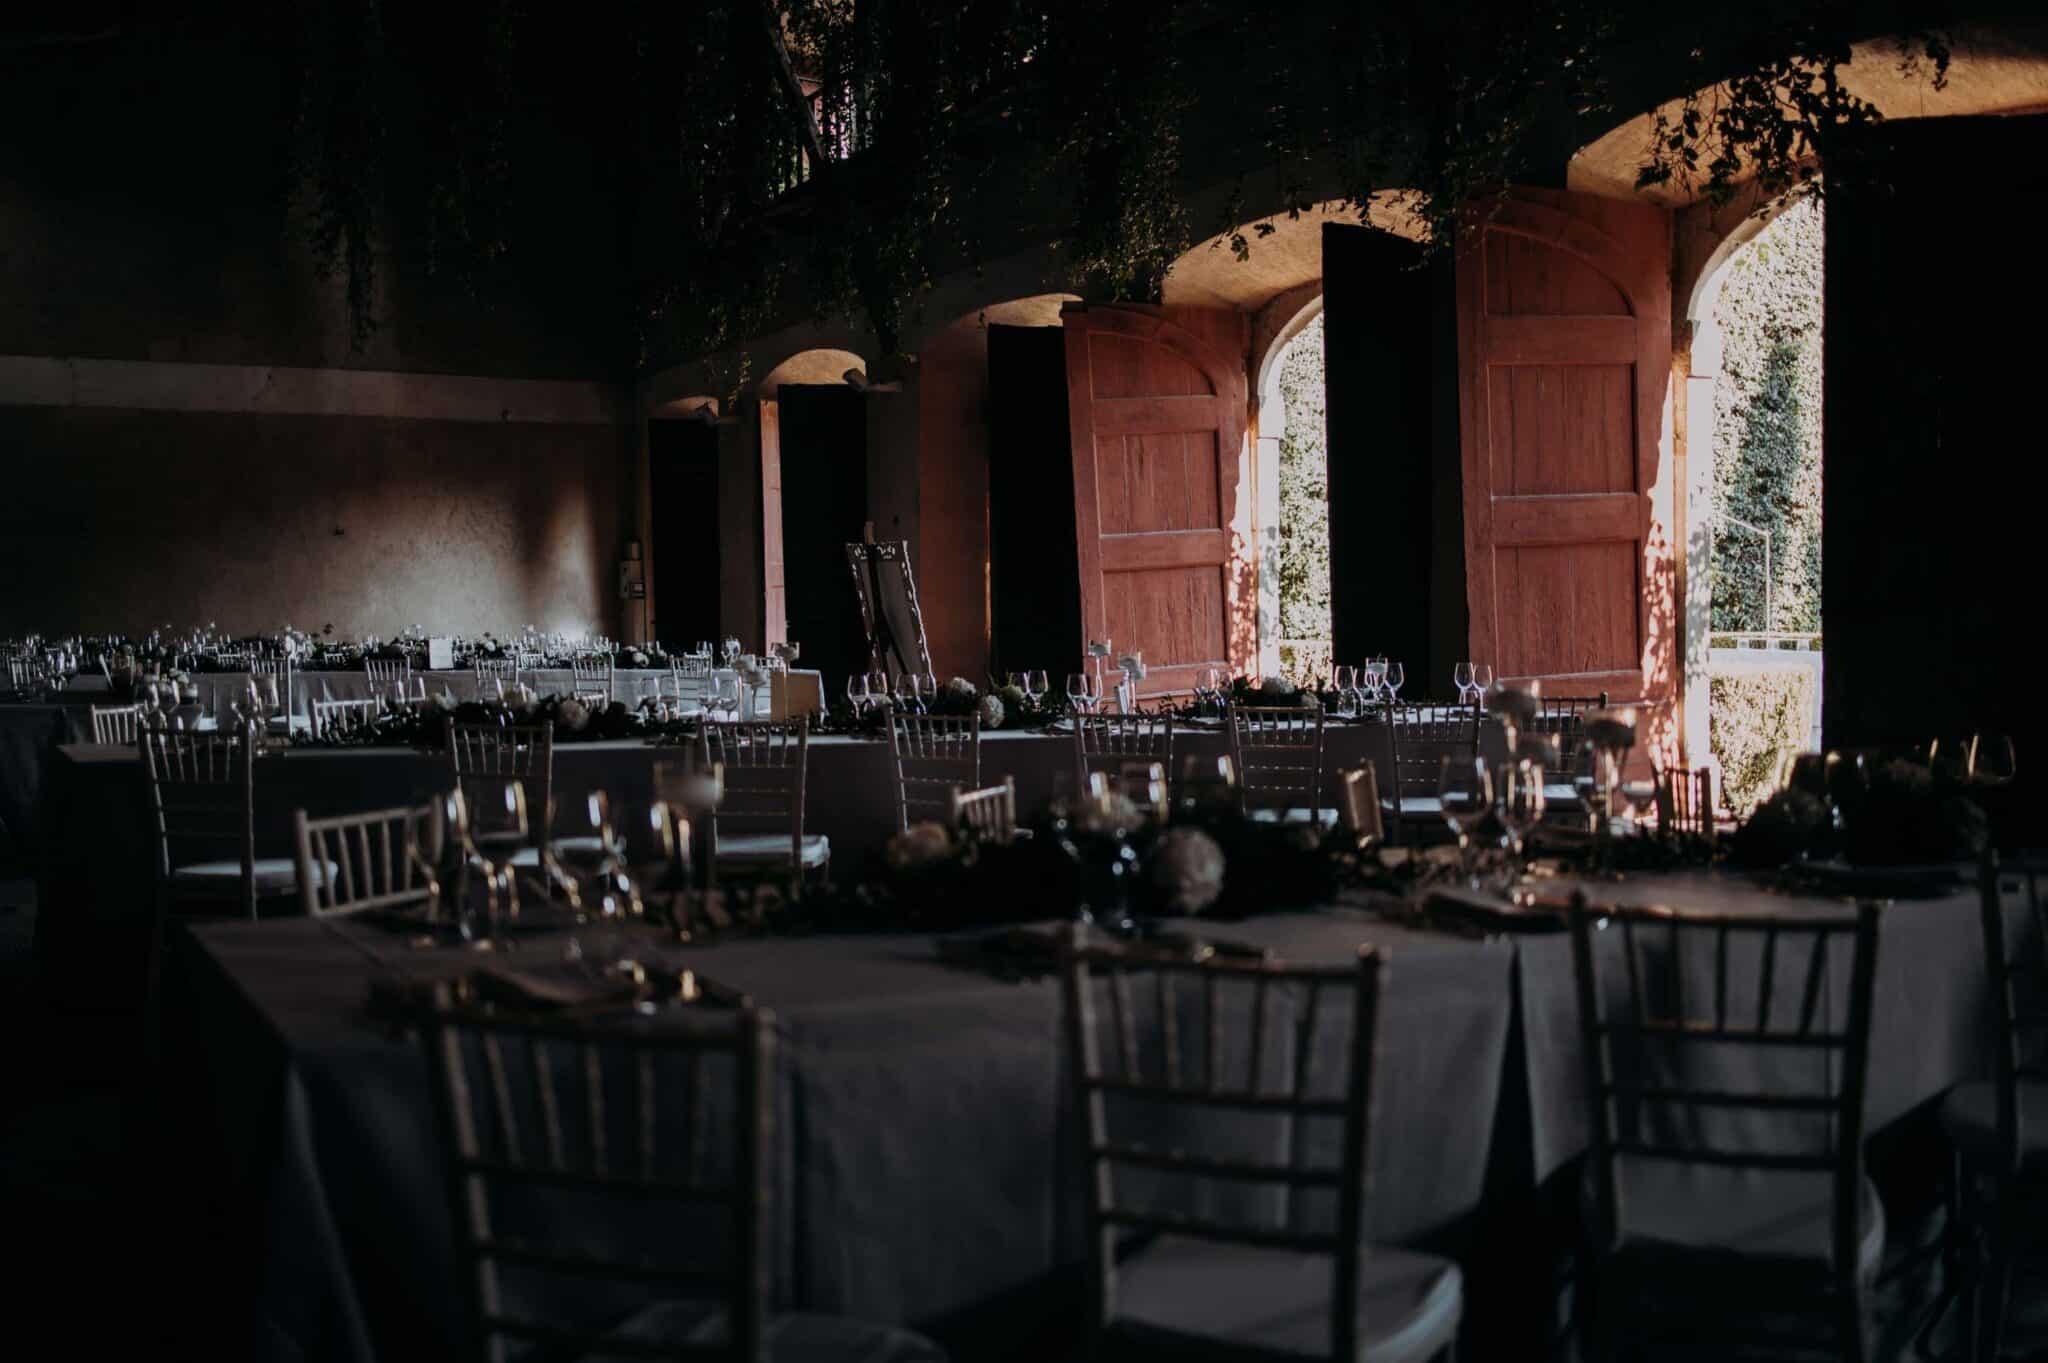 Wedding location | Villa Grabau in Lucca